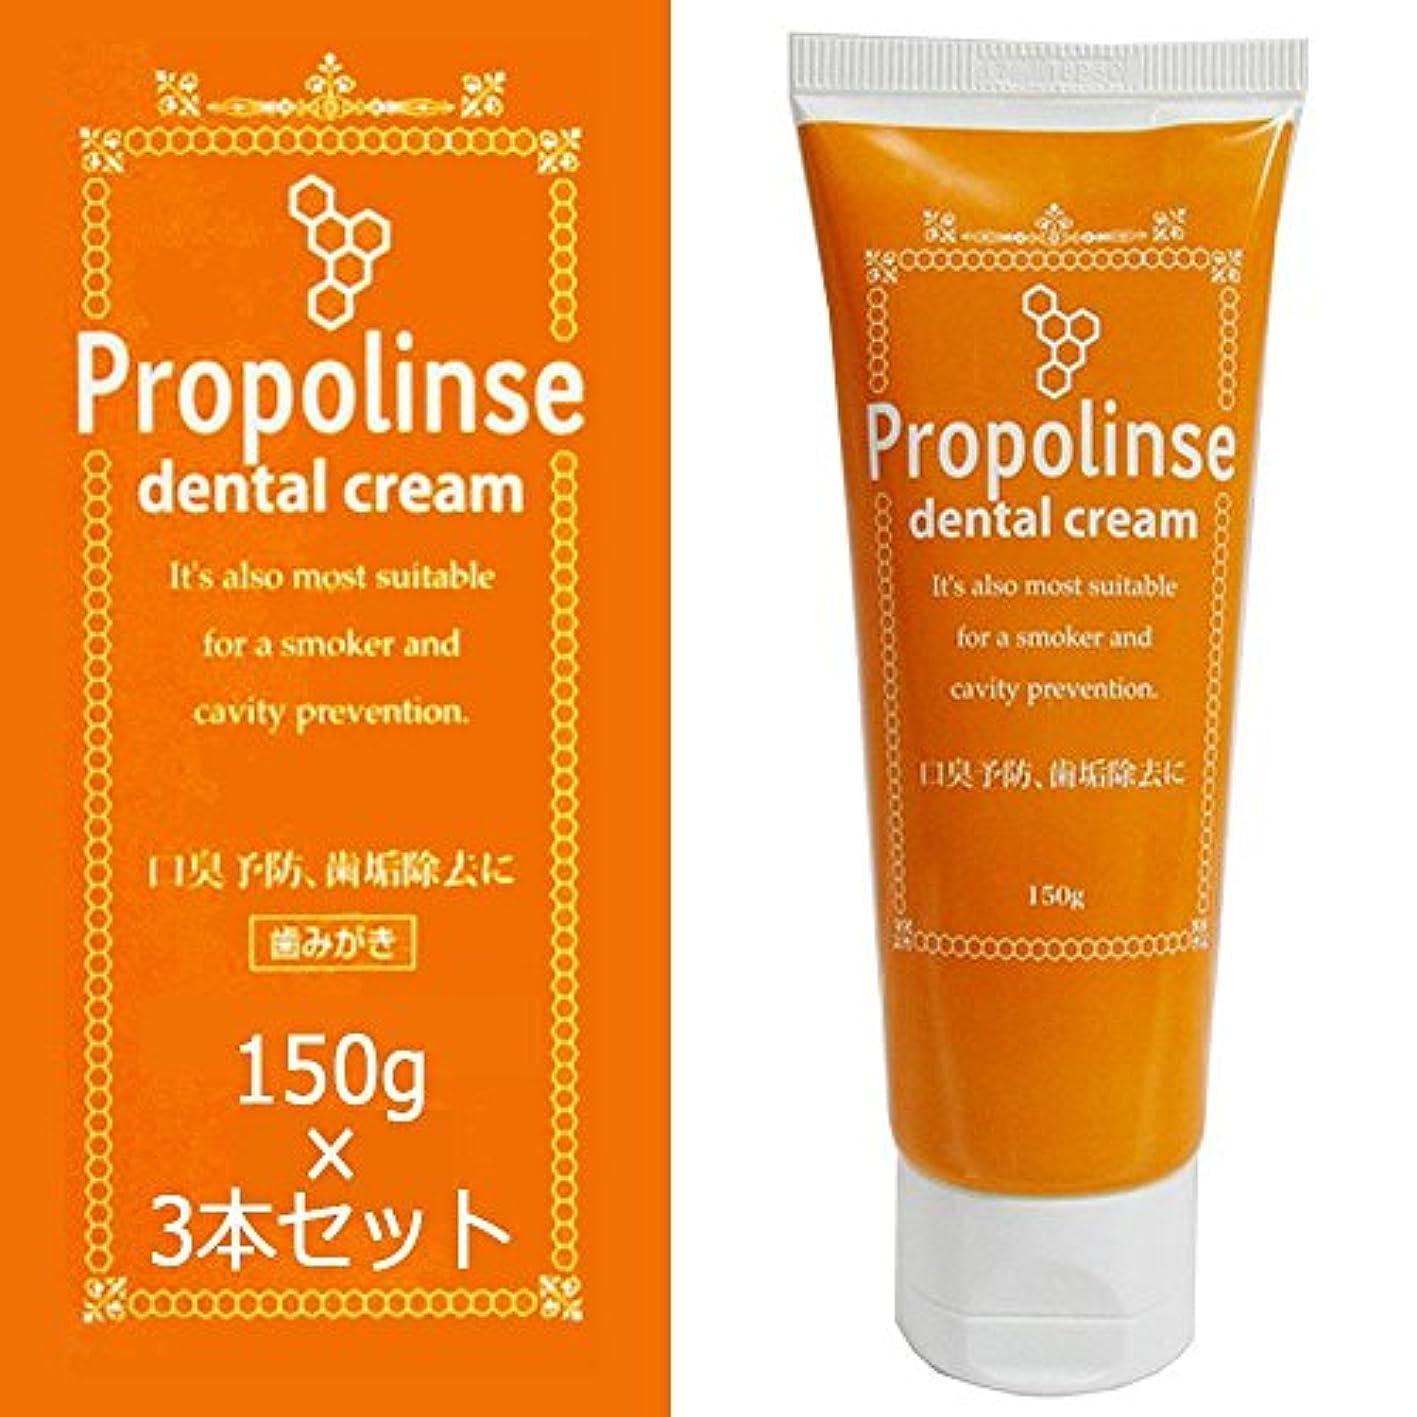 毛布骨折提供プロポリンス デンタルクリーム(歯みがき) 150g×3個セット